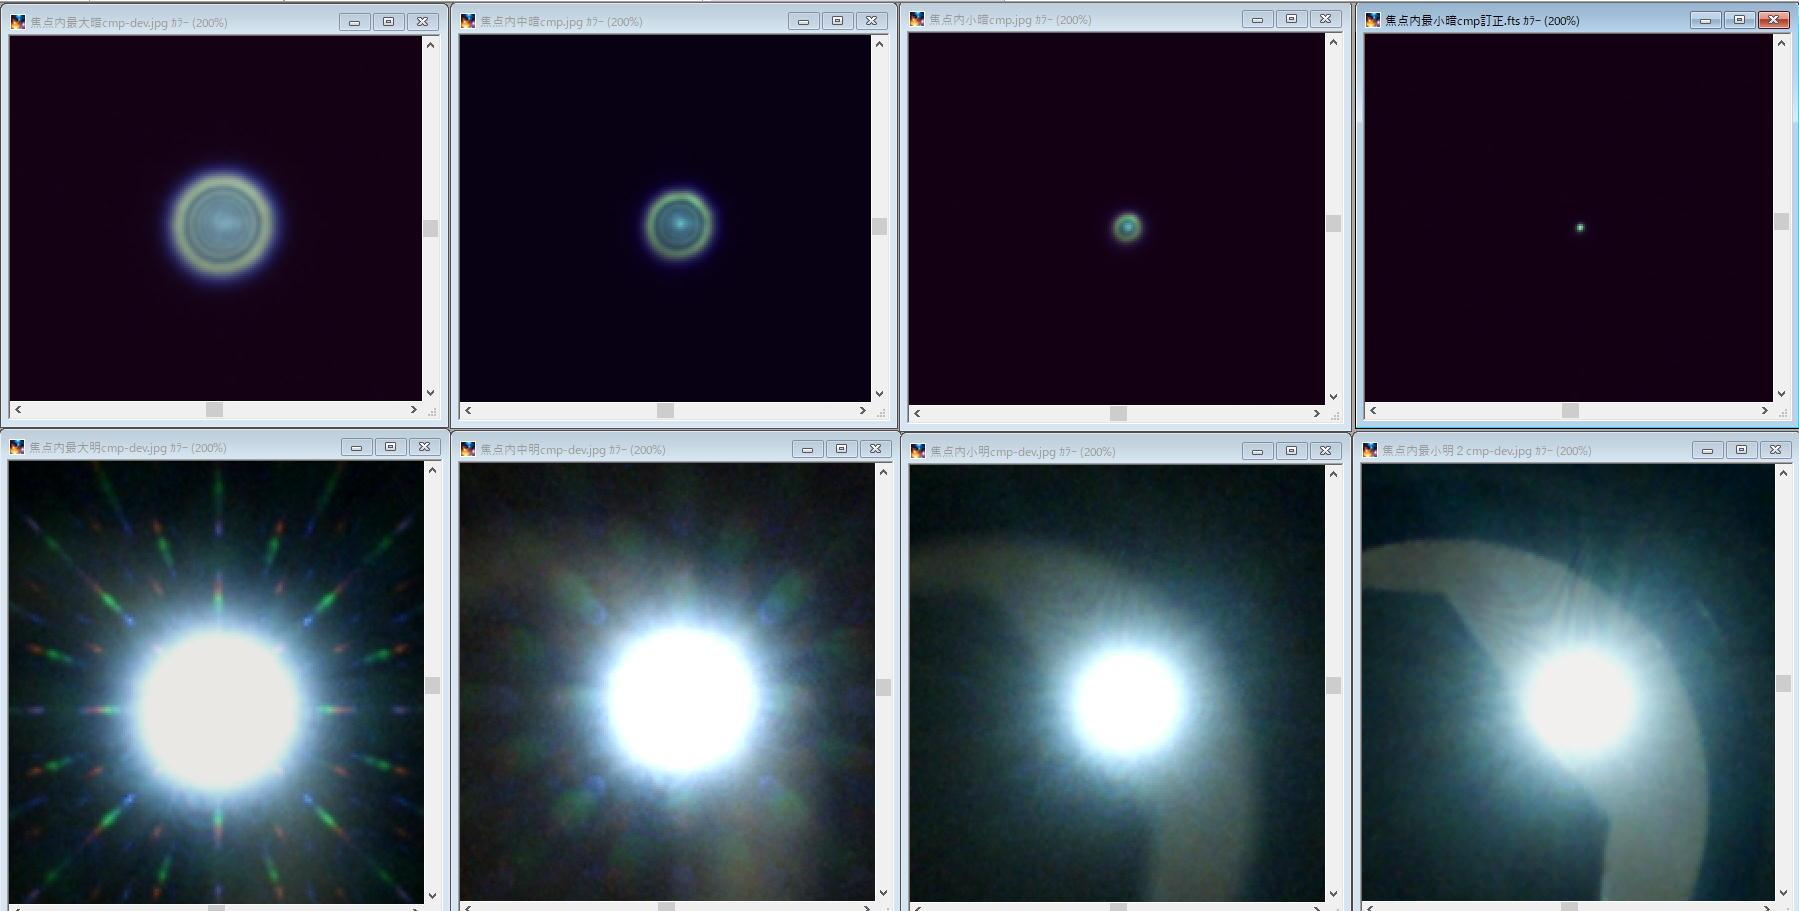 人工星テスターで『のっぴきならない』こと発見?③_f0346040_10014152.jpg